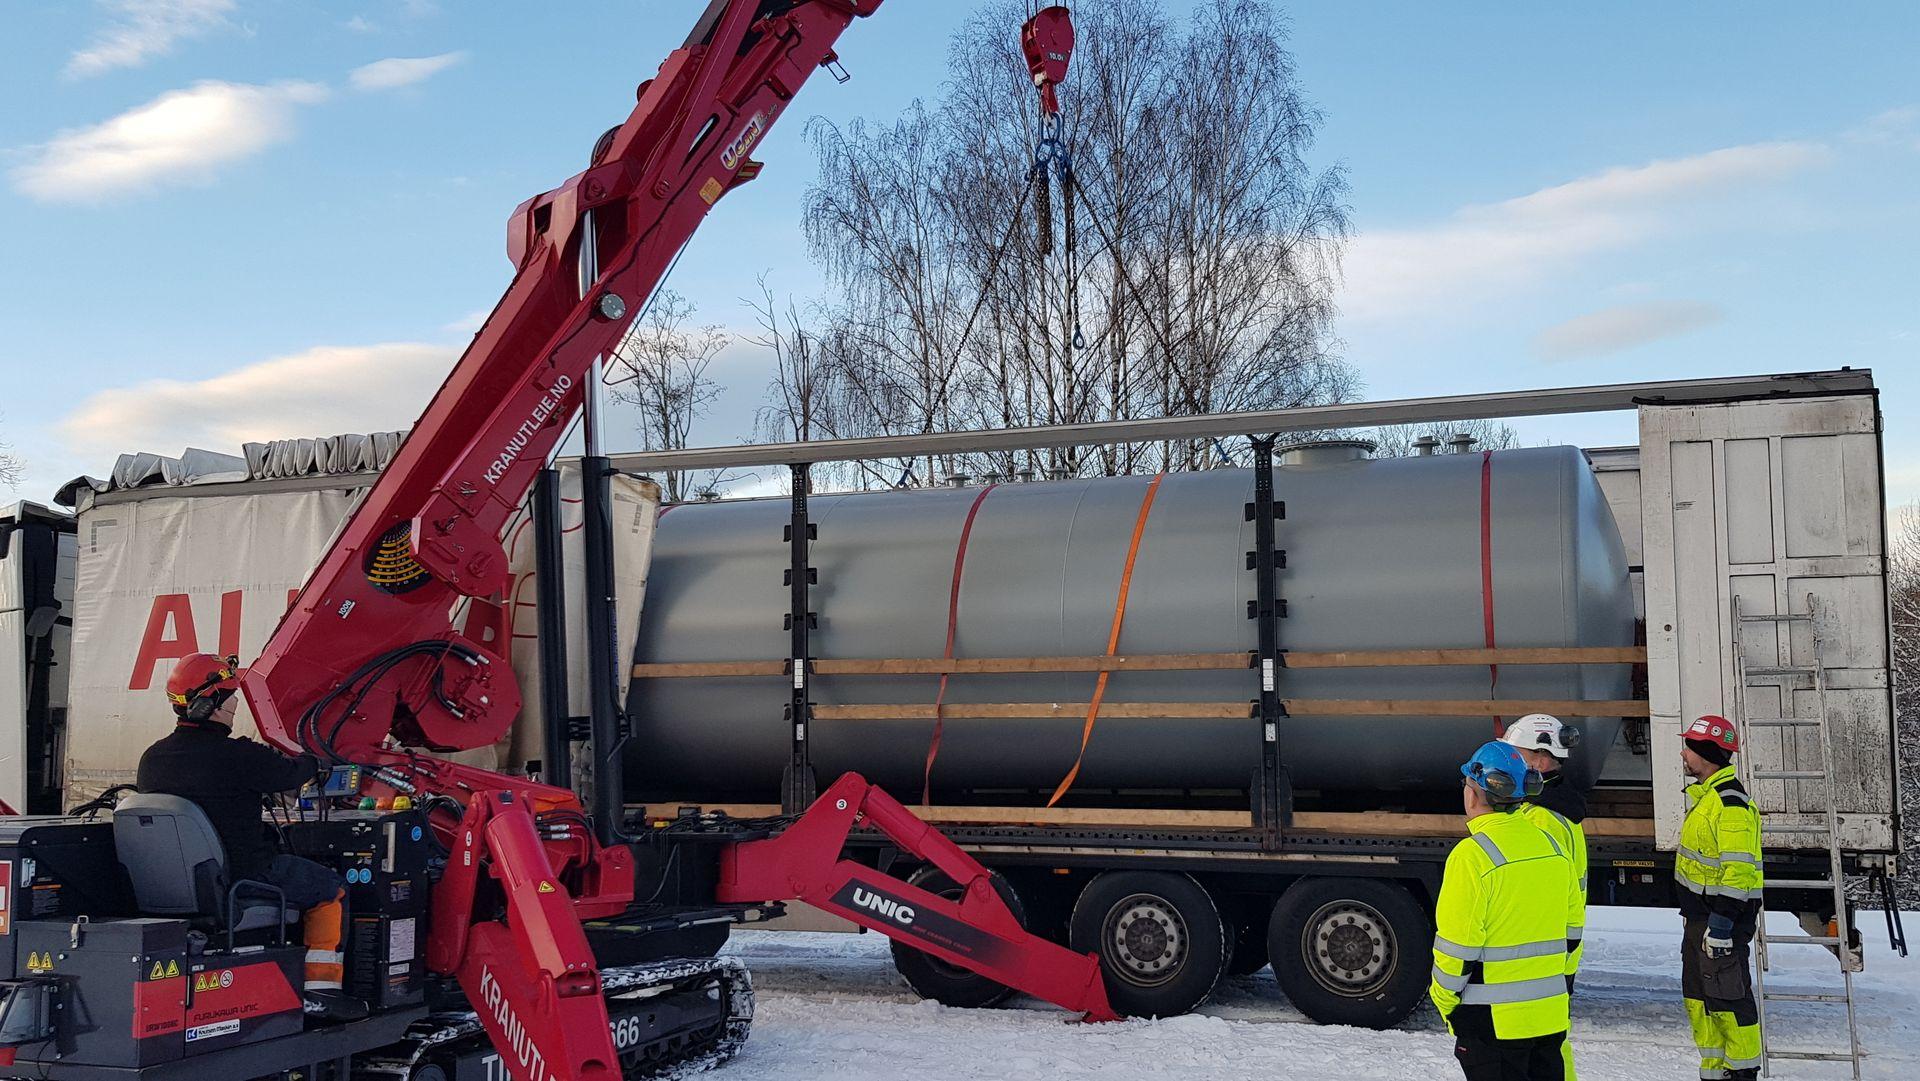 ANNONSE: Disse komponentene skal sikre vann i springen til Oslos borgere ved strømbrudd